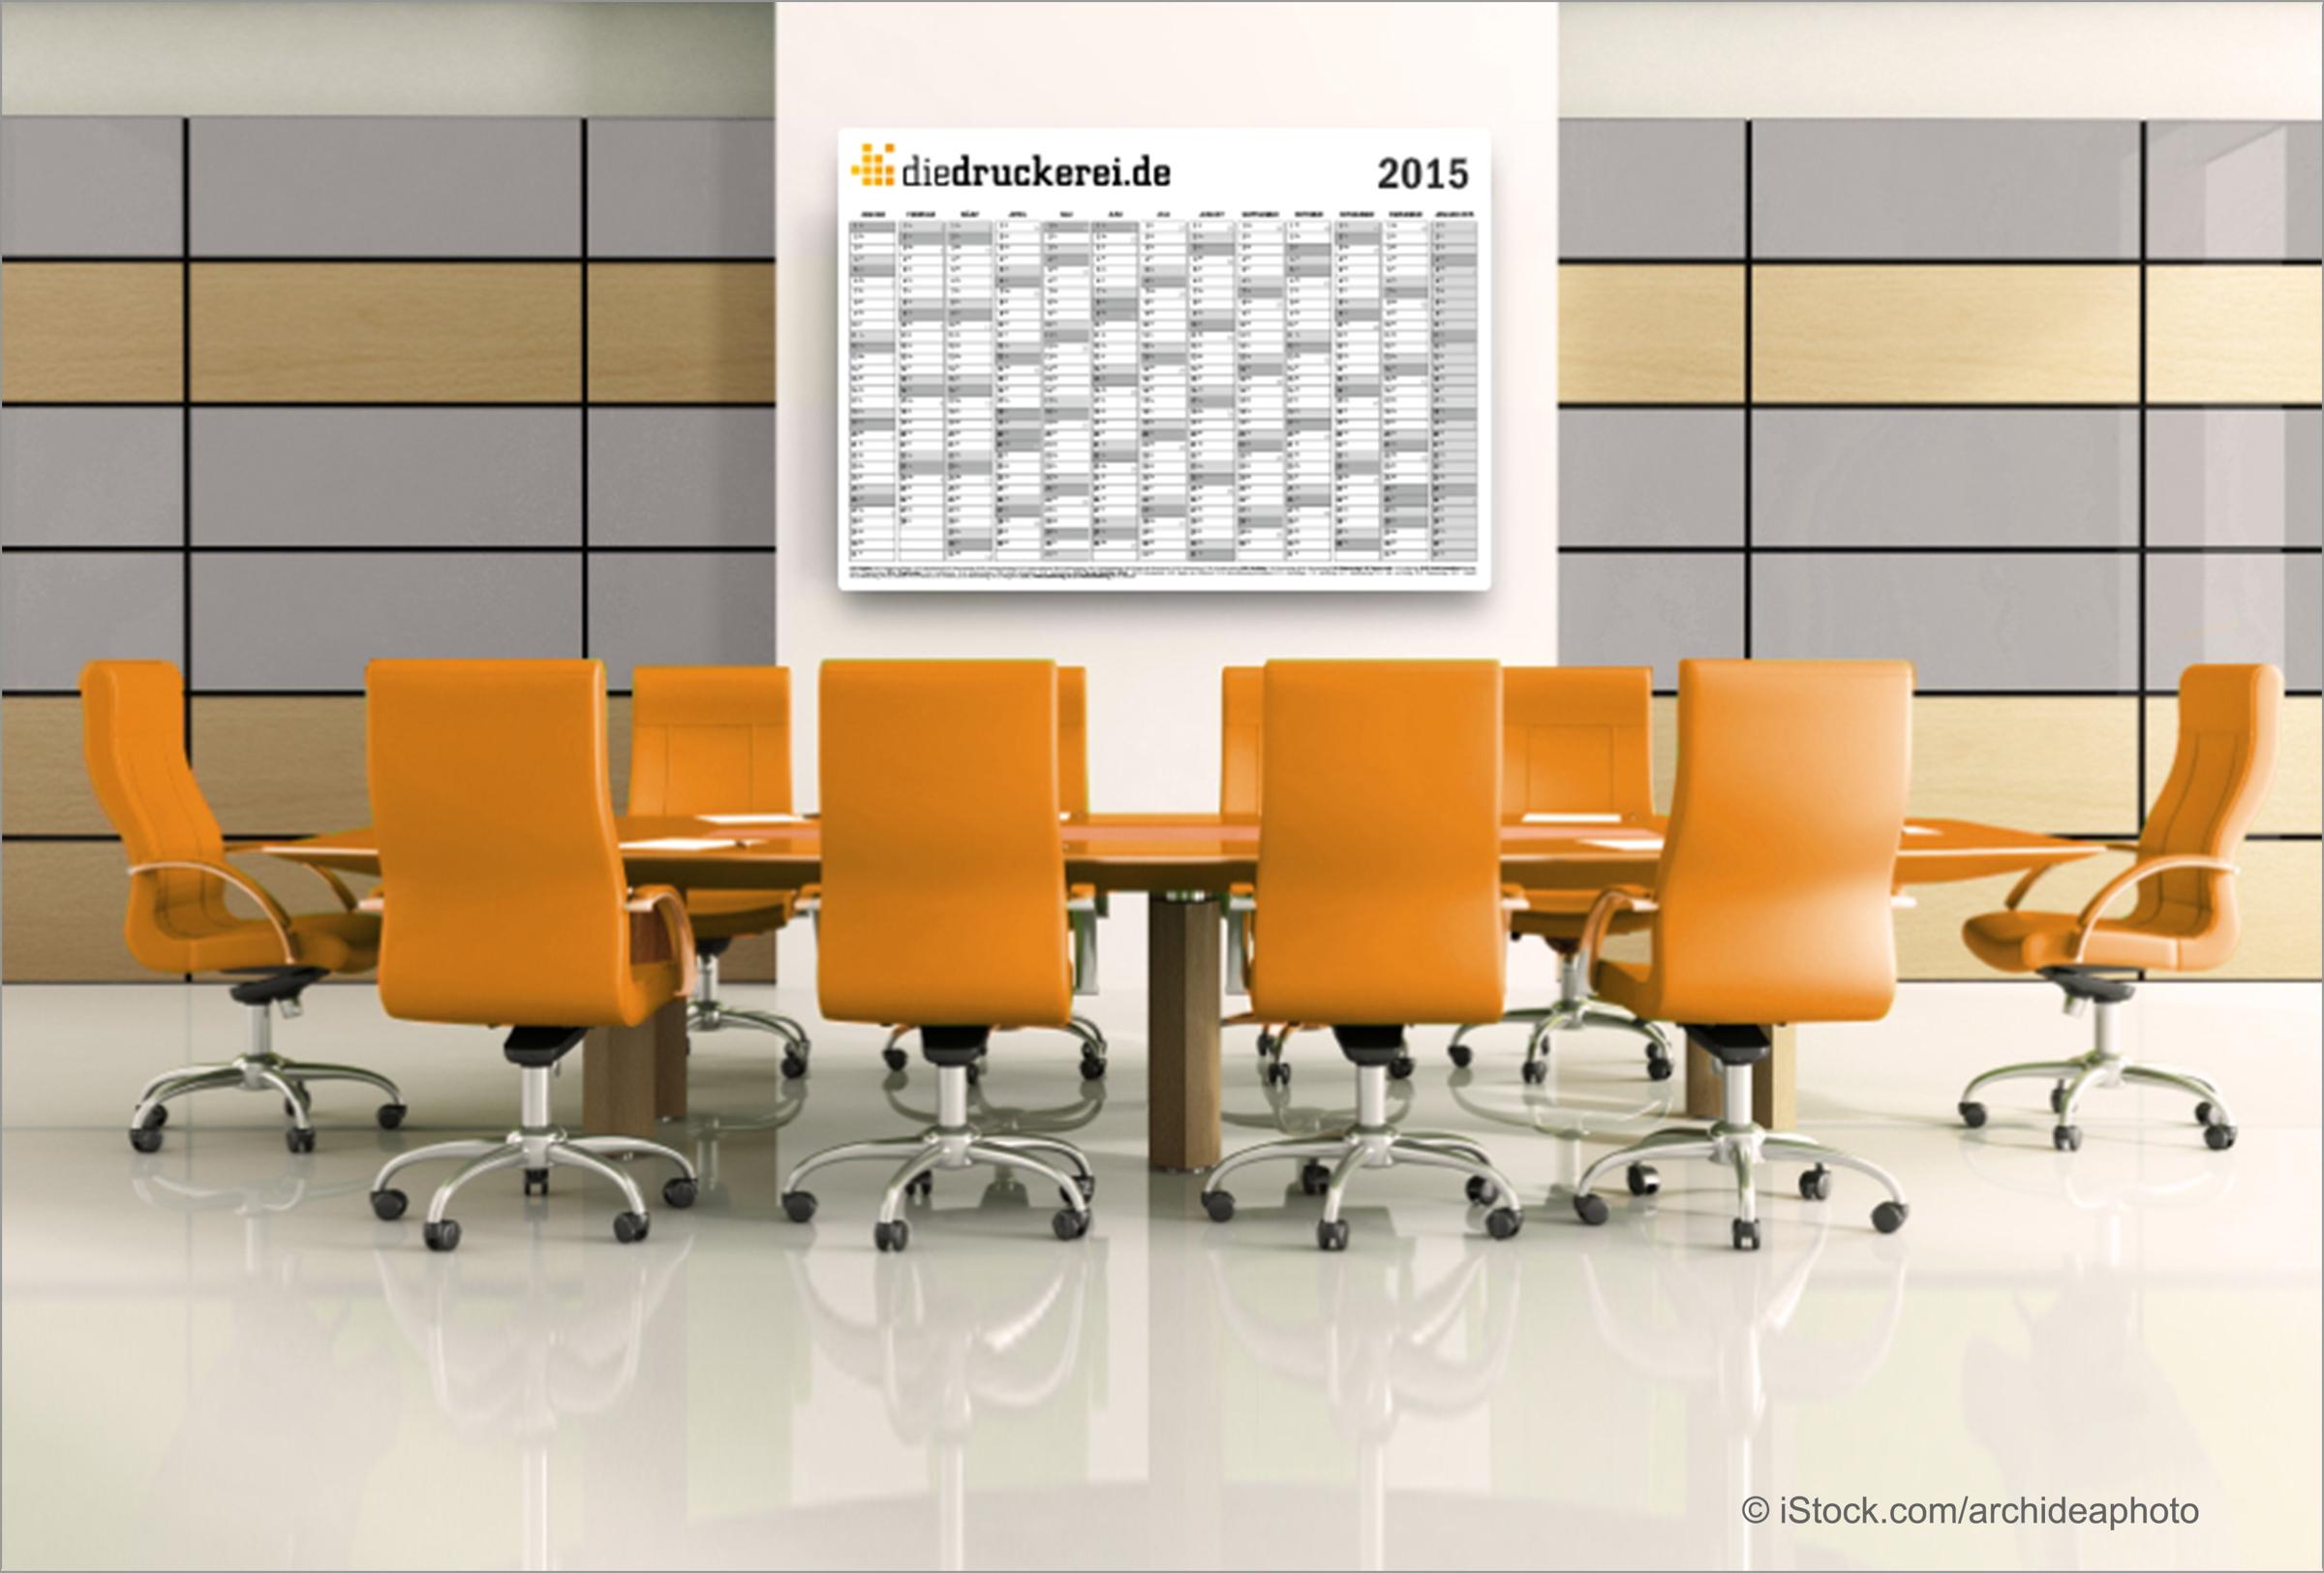 Jahresplanung mit Kalendervorlagen für 2015 von diedruckerei.de ...